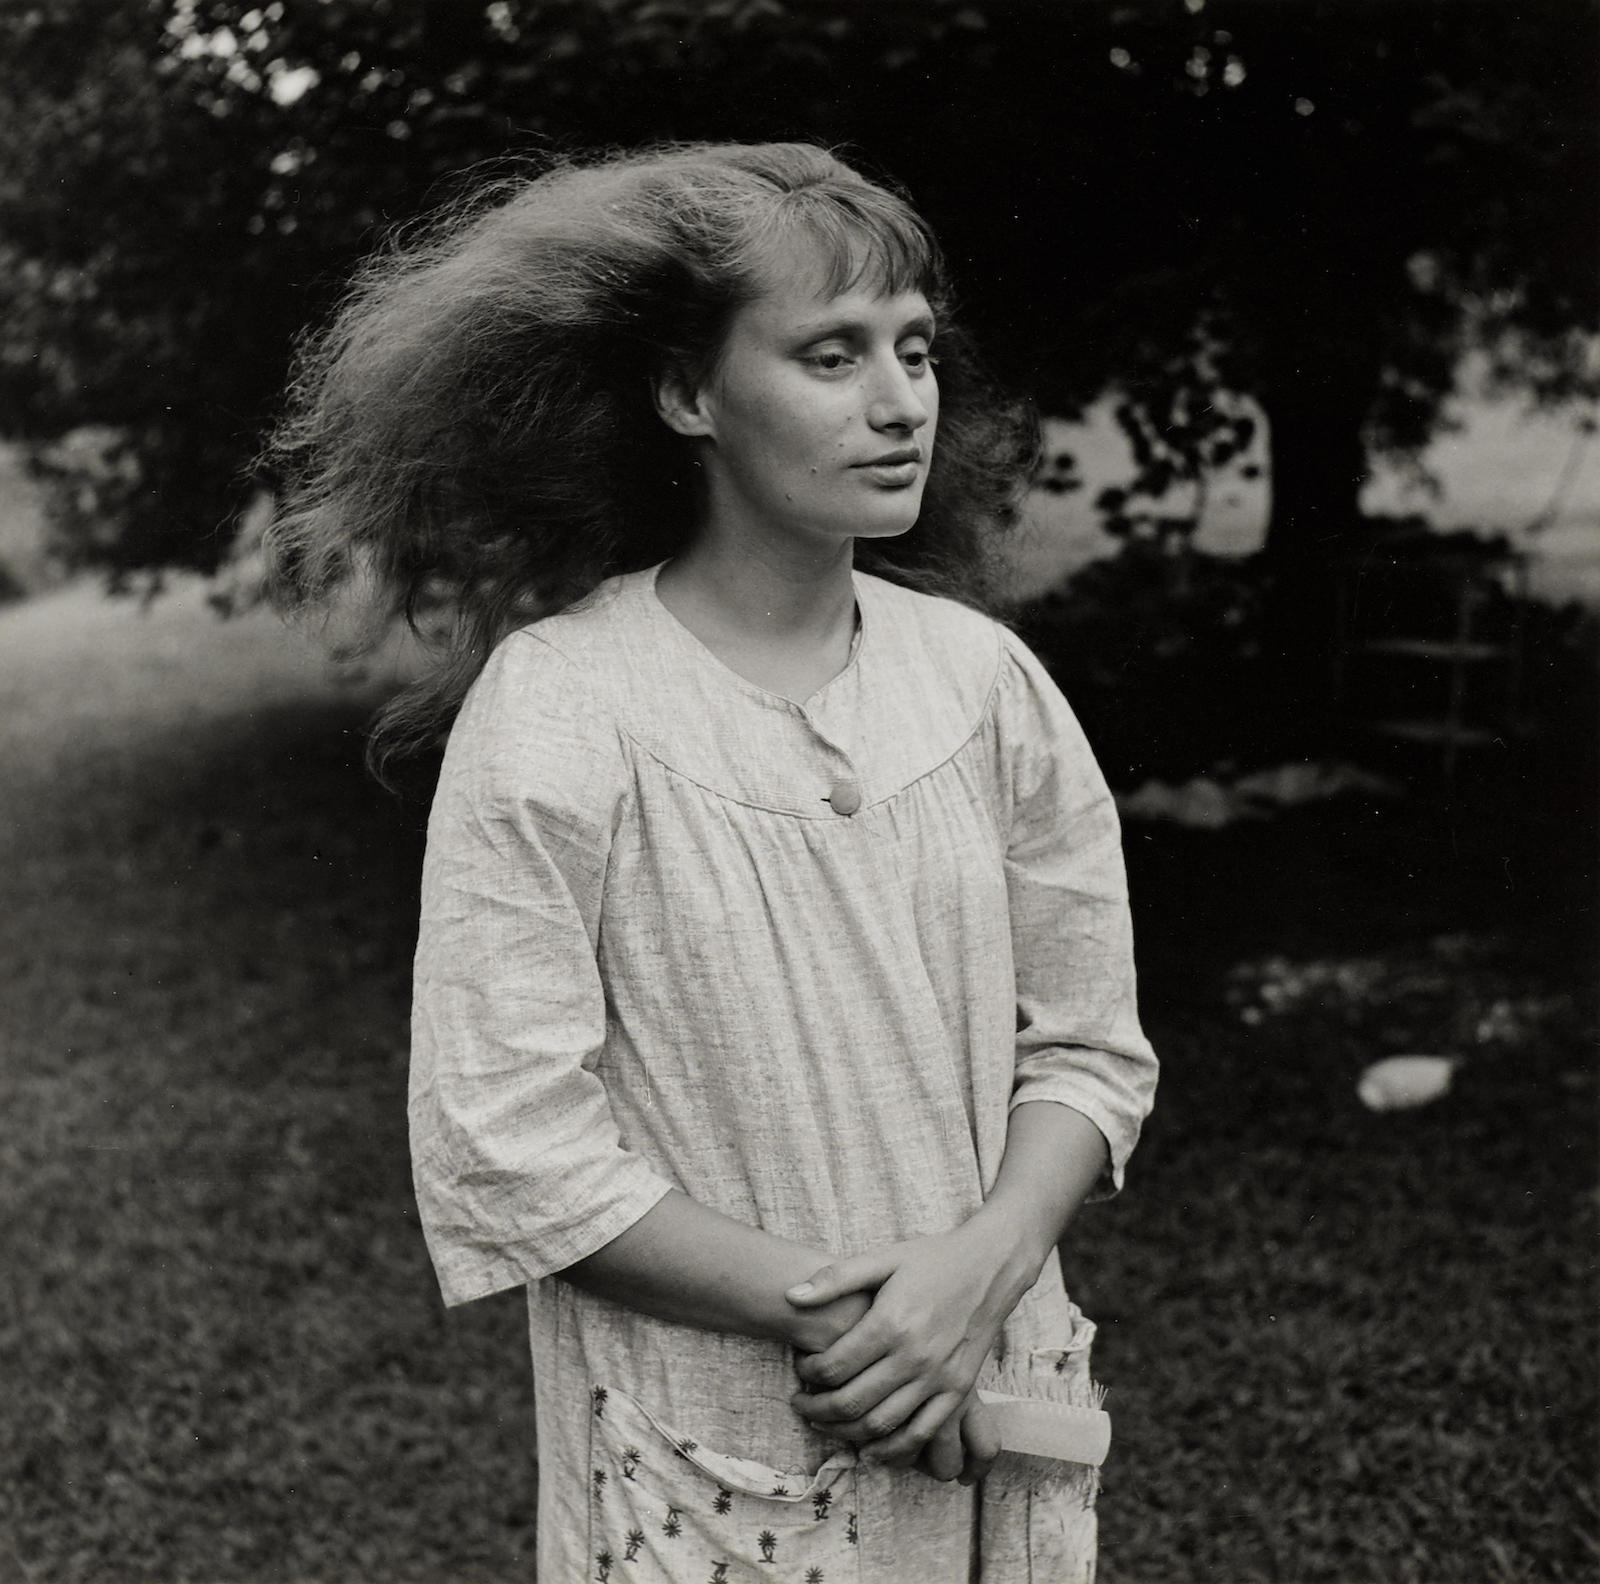 Emmet Gowin-Ruth, Danville, Virginia-1969